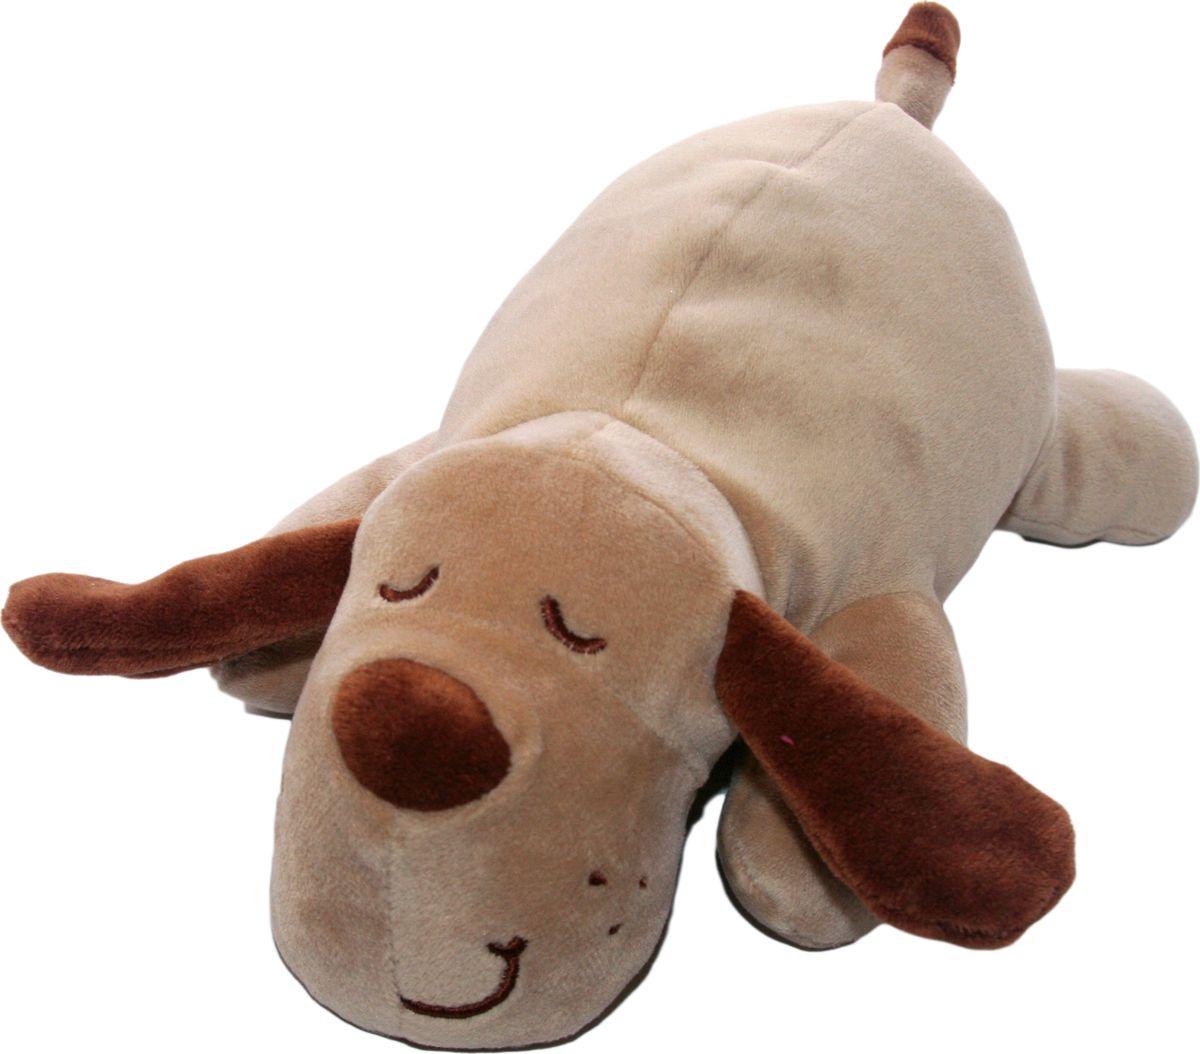 Мягкая игрушка СмолТойс Собачка Лежебока длина 55 см бежевый мягкие игрушки смолтойс медвежонок лежебока